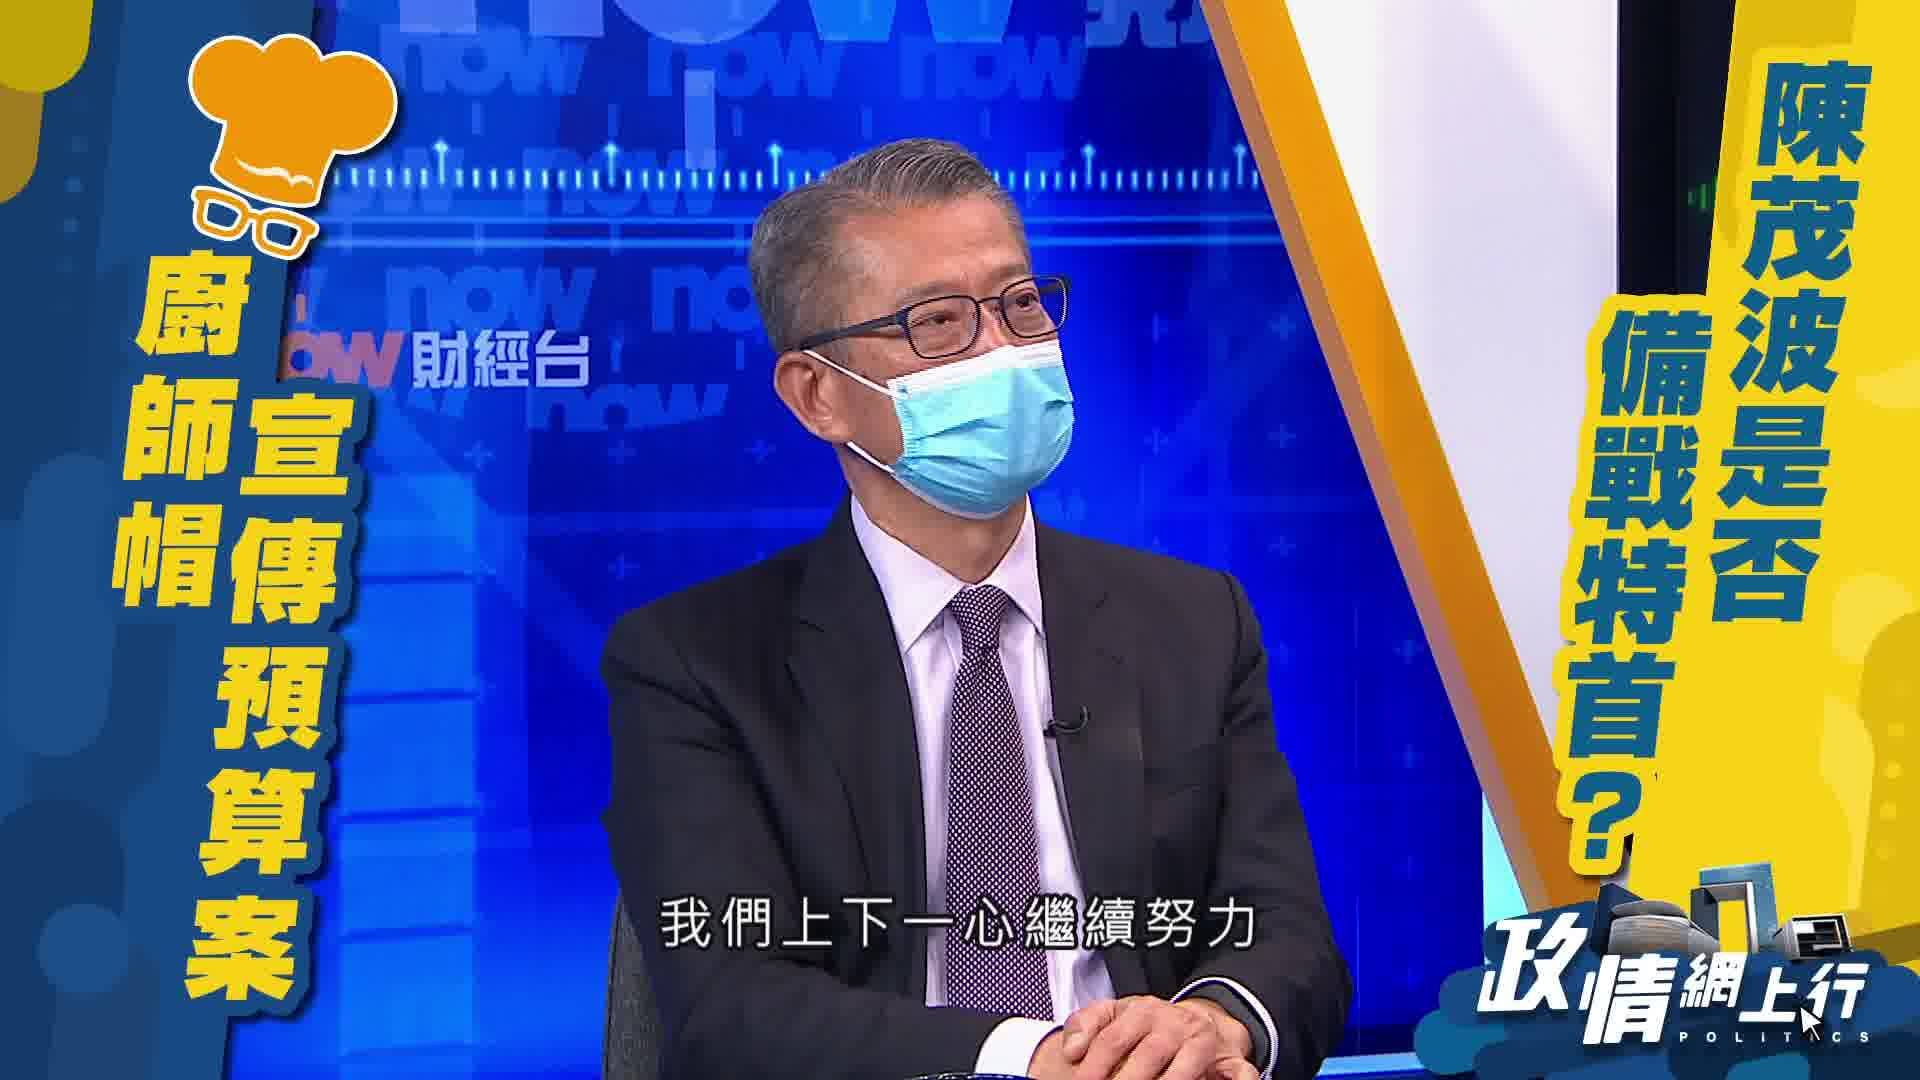 【政情網上行】陳茂波是否備戰特首? 廚師帽宣傳預算案